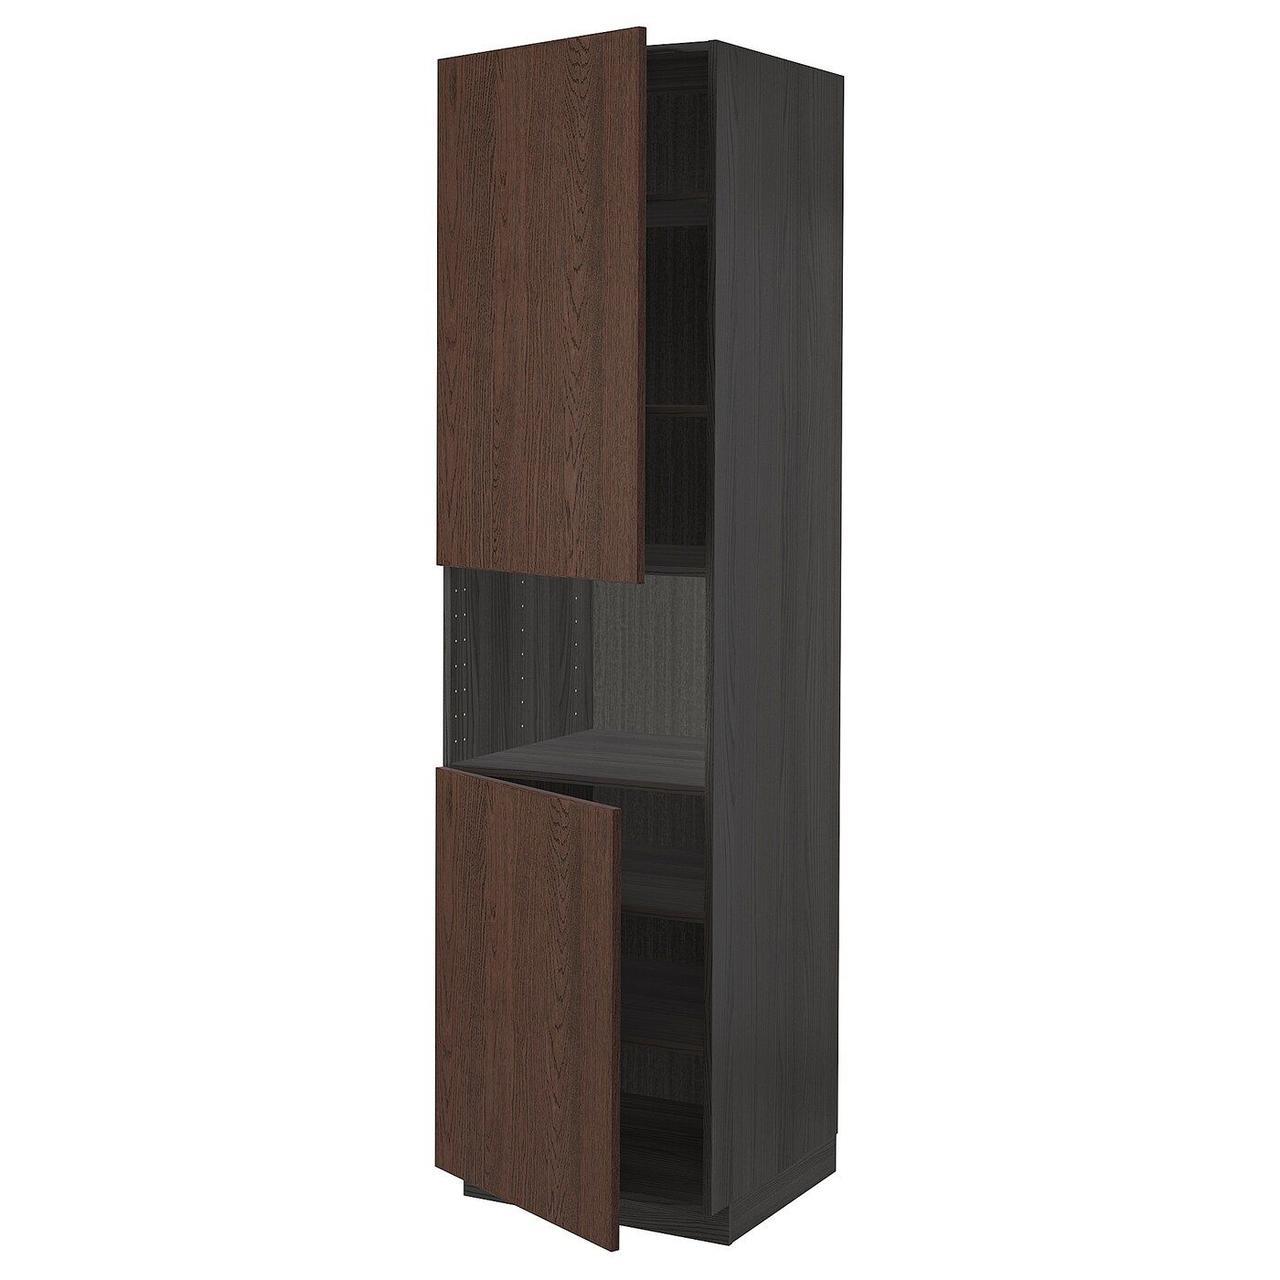 IKEA METOD (ІКЕА МЕТОДИ) 89405511